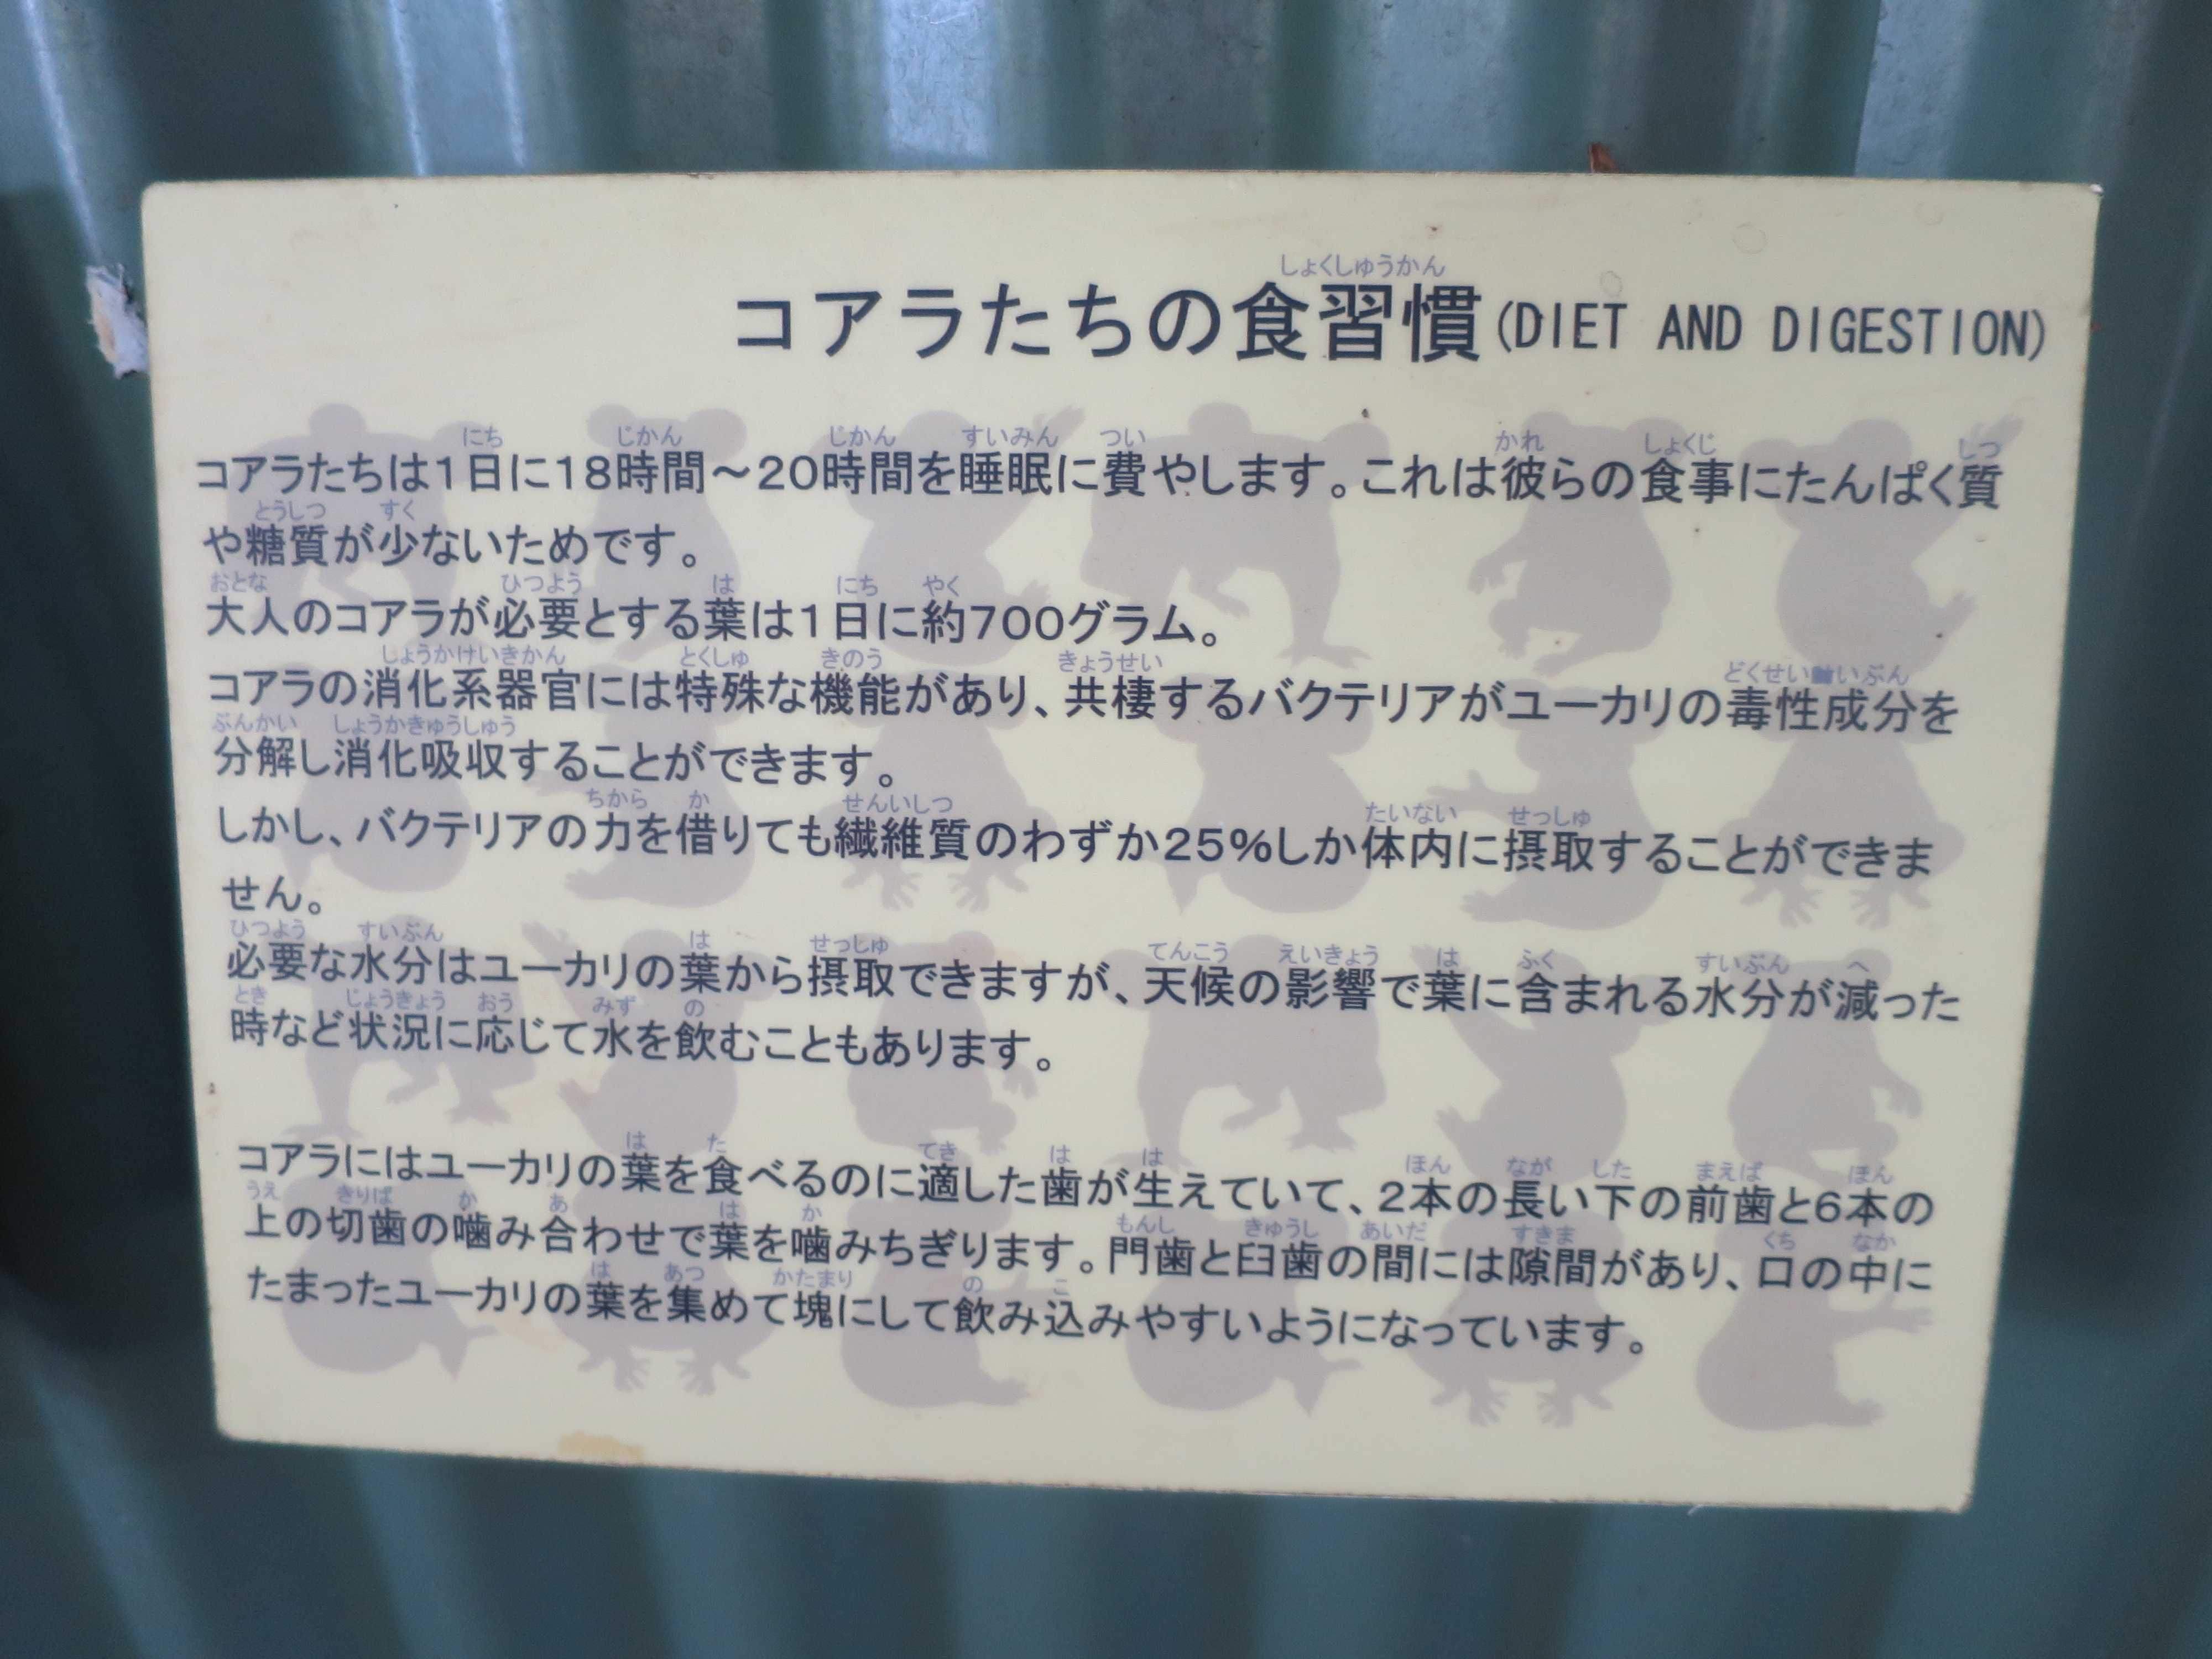 ケアンズ動物園 - コアラたちの食習慣(DIET AND DIGESTION)